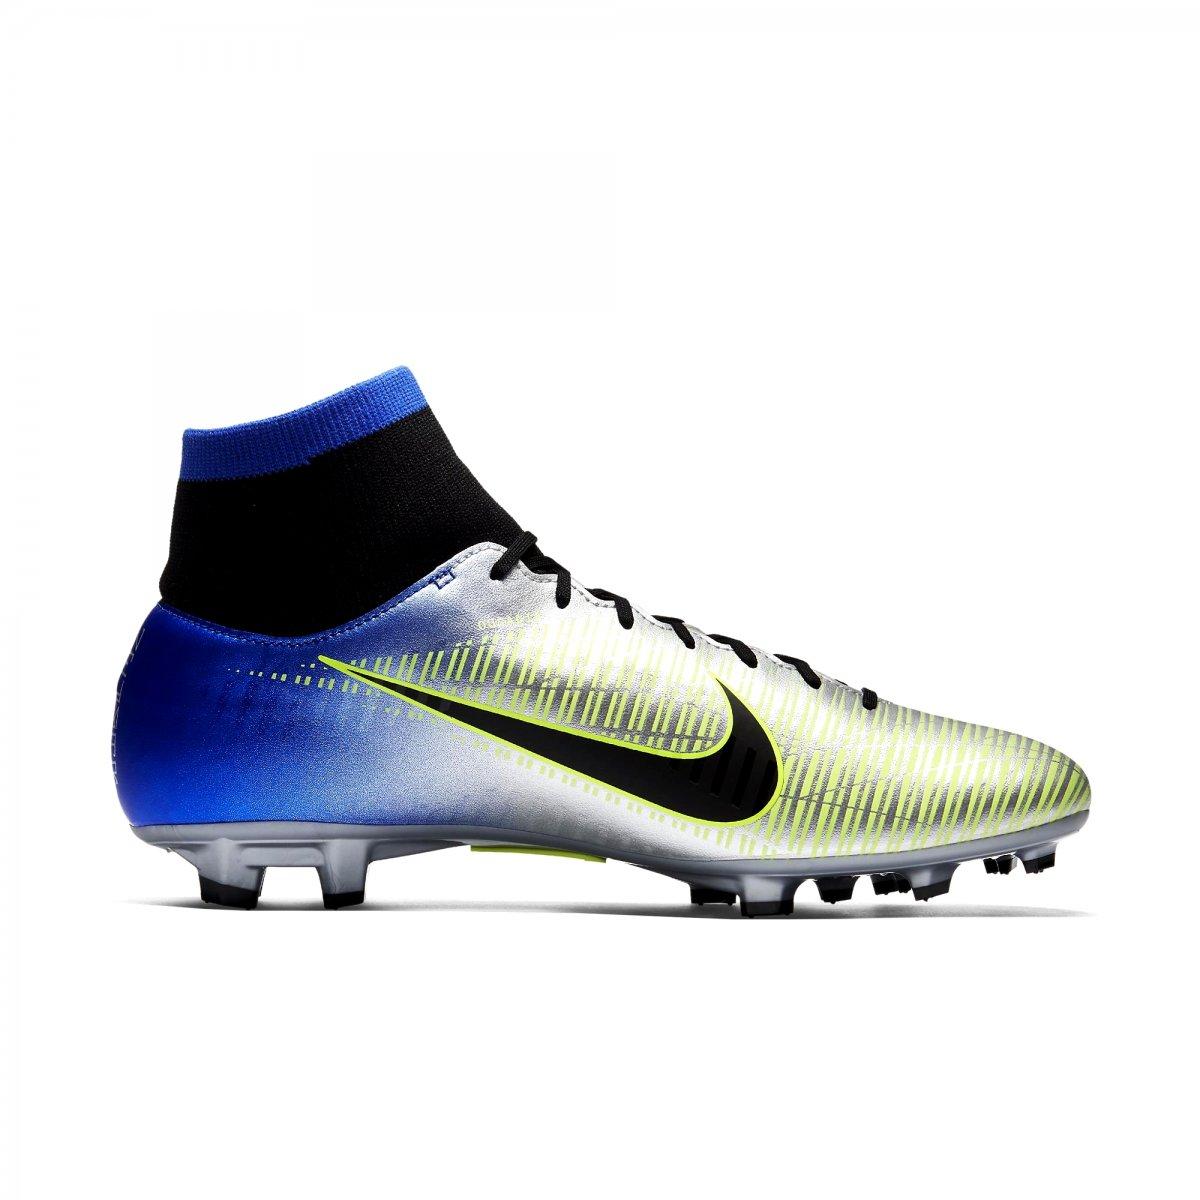 Chuteira Nike Mercurial Victory VI DF Neymar Junior FG 921506-407 Prata Azul 5918ce08b89e0